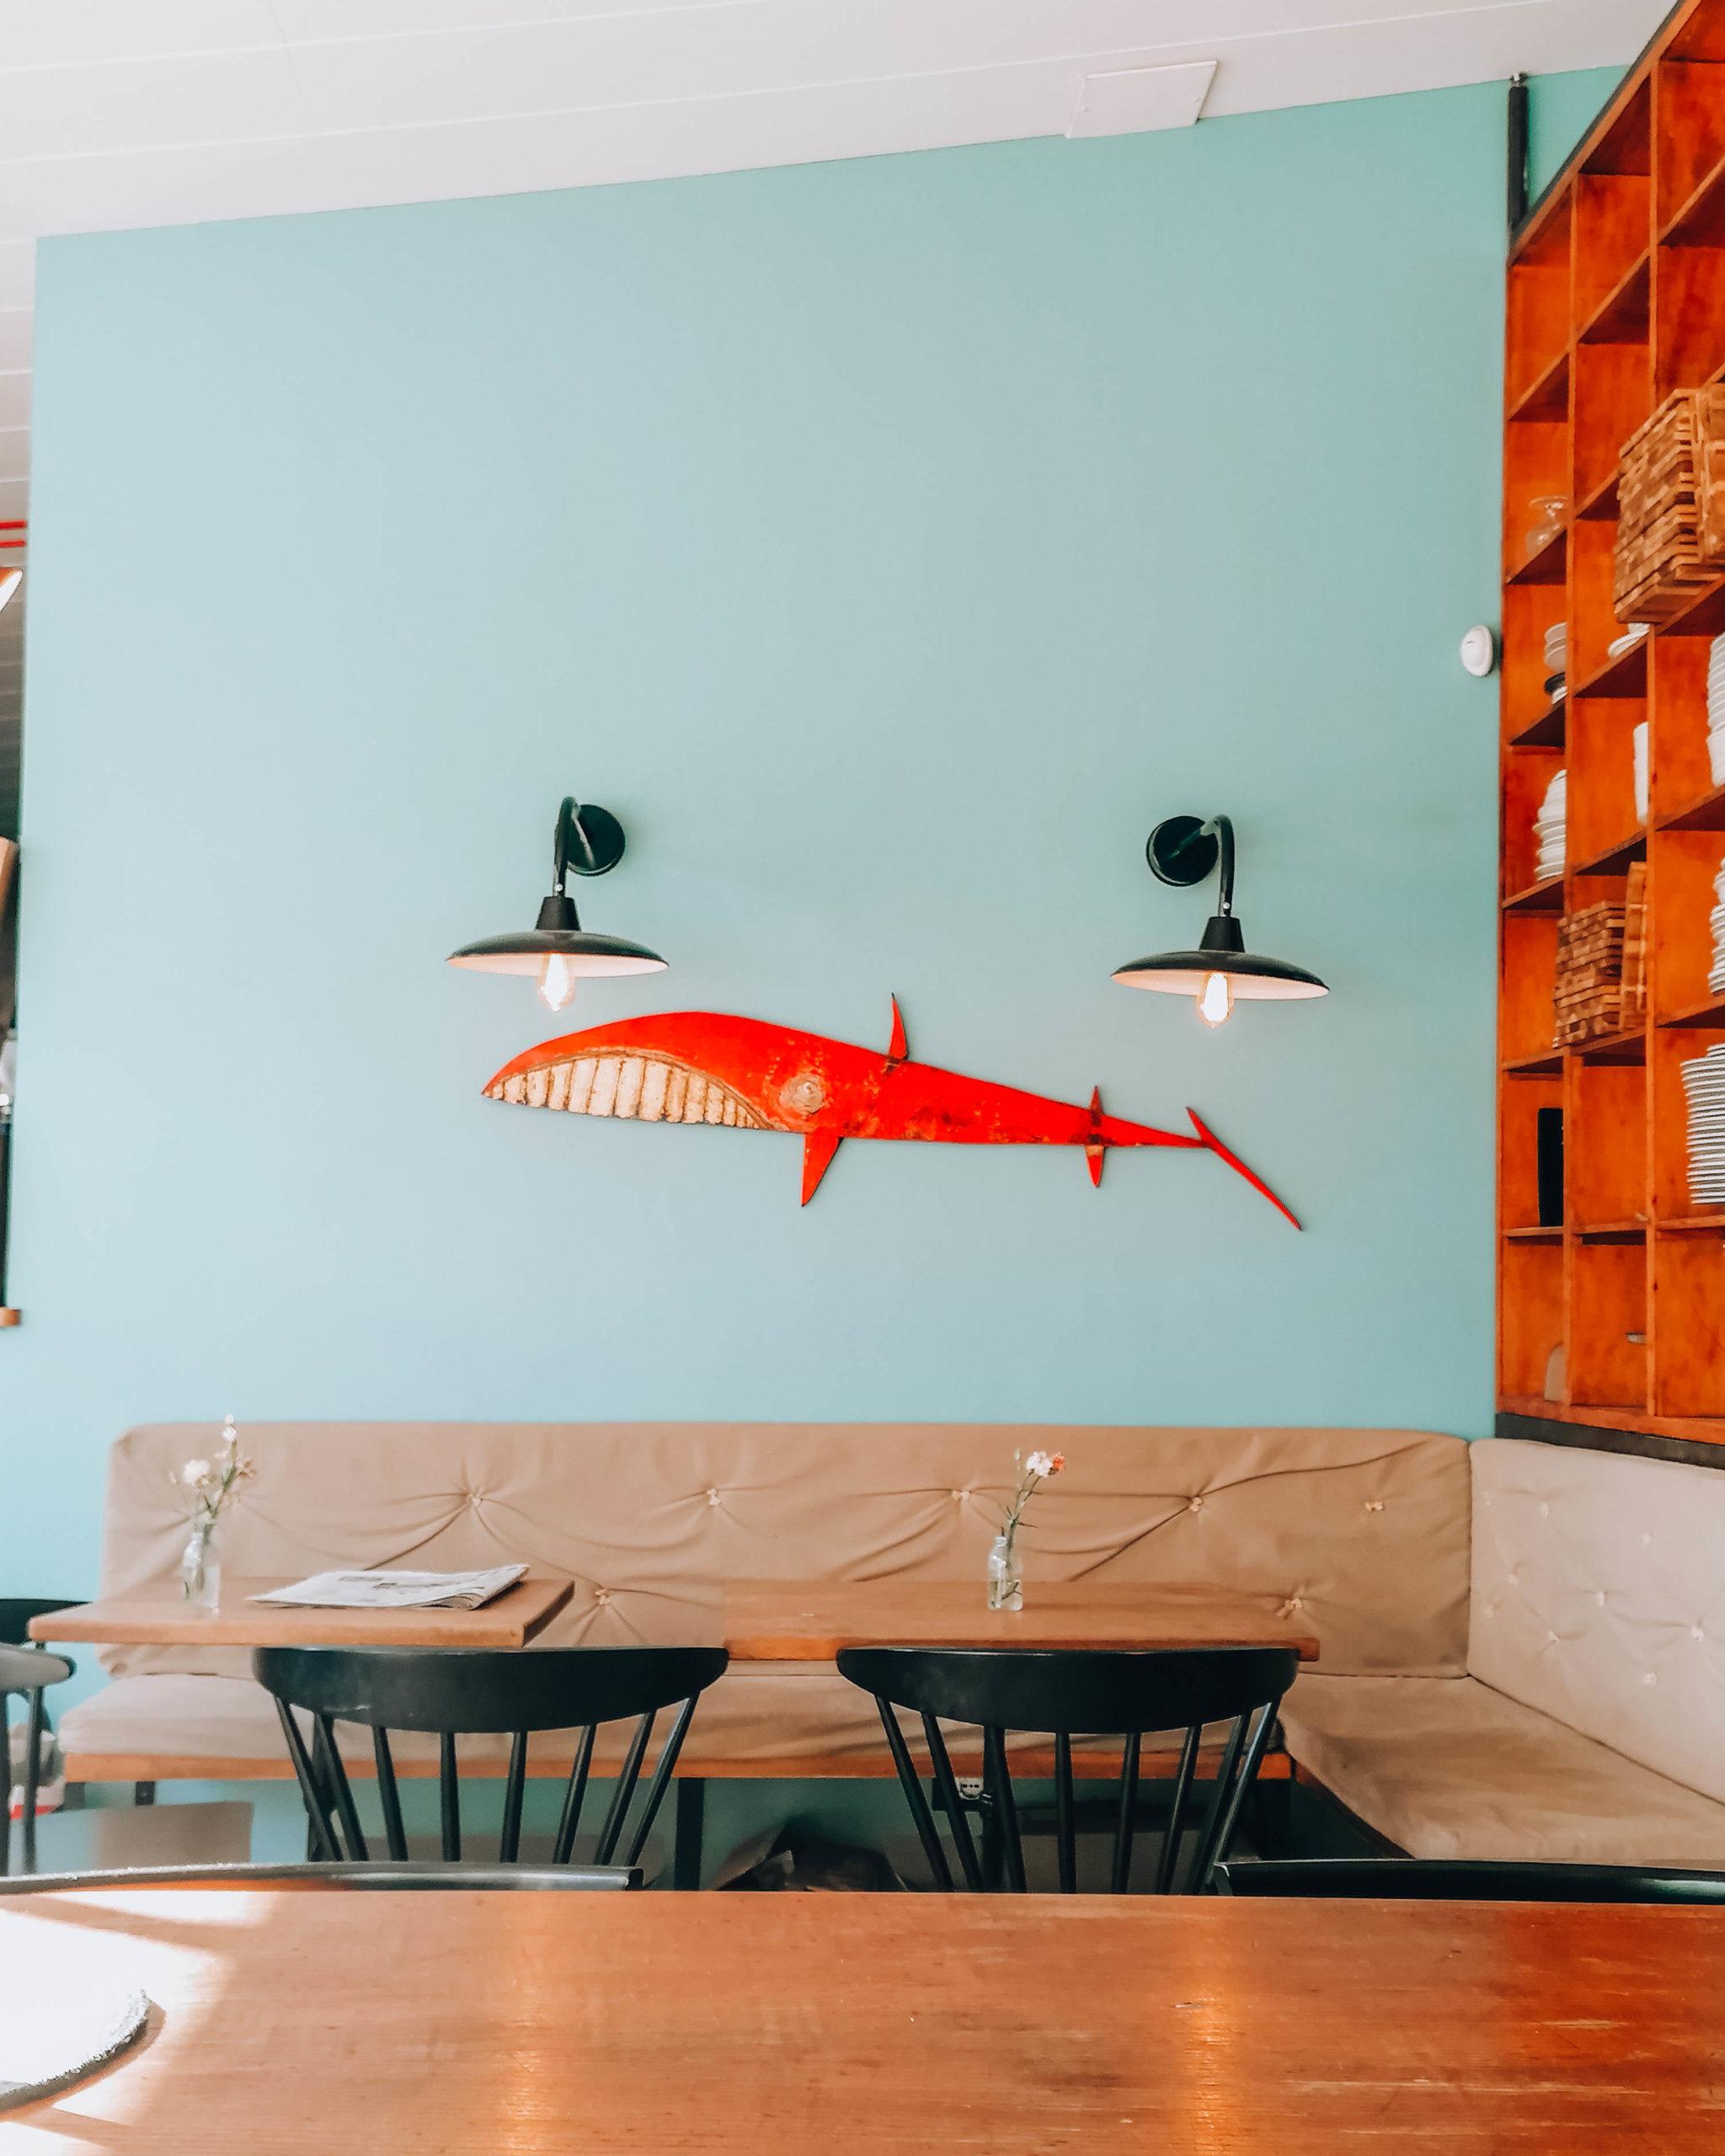 tavolo in legno con parete celeste con squalo disegnato